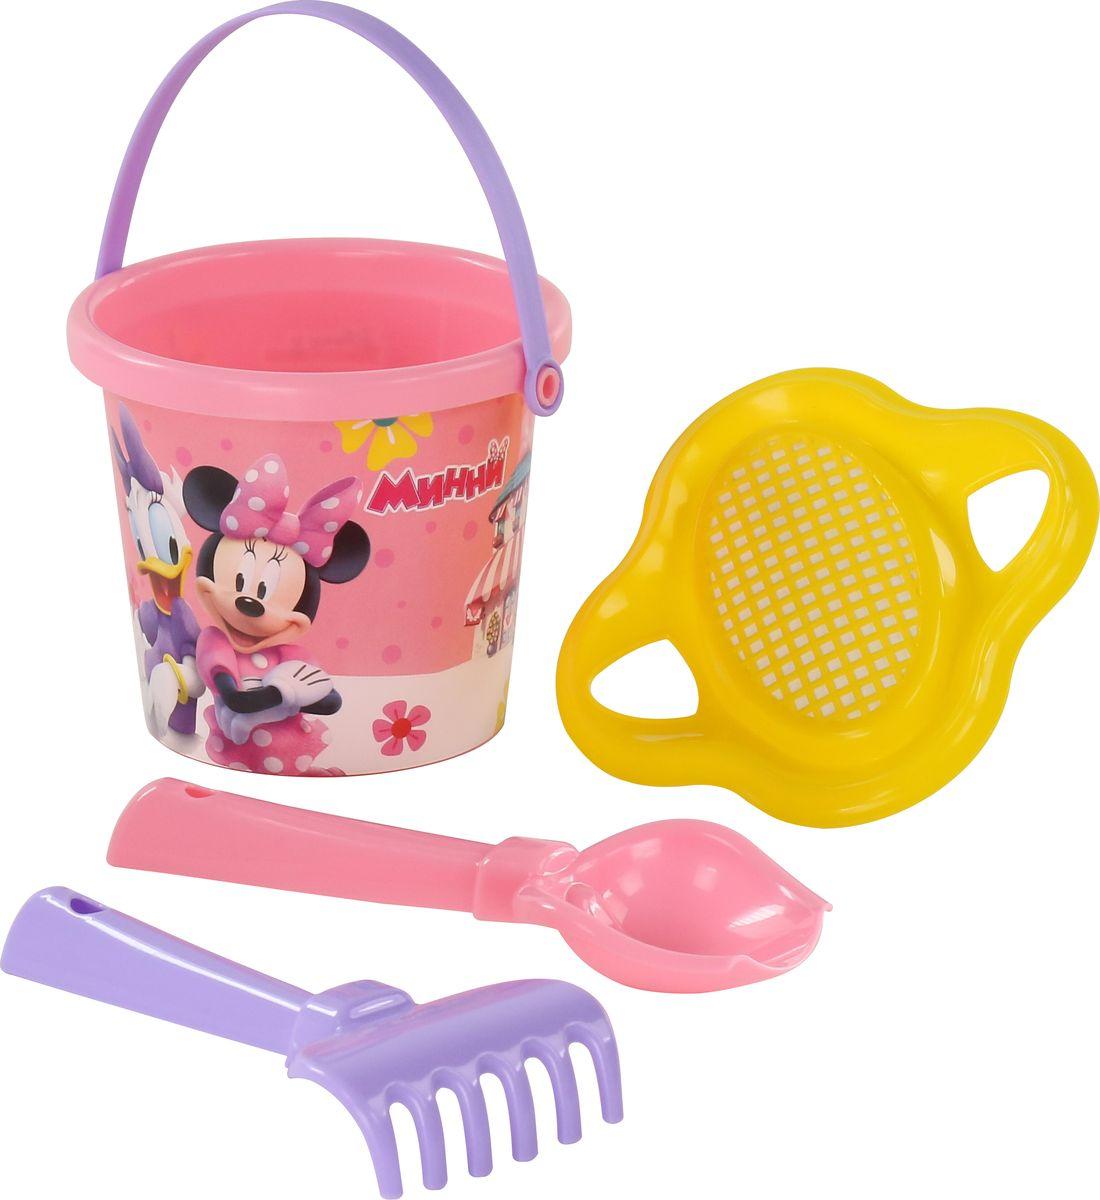 Disney Набор игрушек для песочницы Минни №2, 4 предмета, цвет в ассортименте disney набор игрушек для песочницы минни 4 цвет в ассортименте